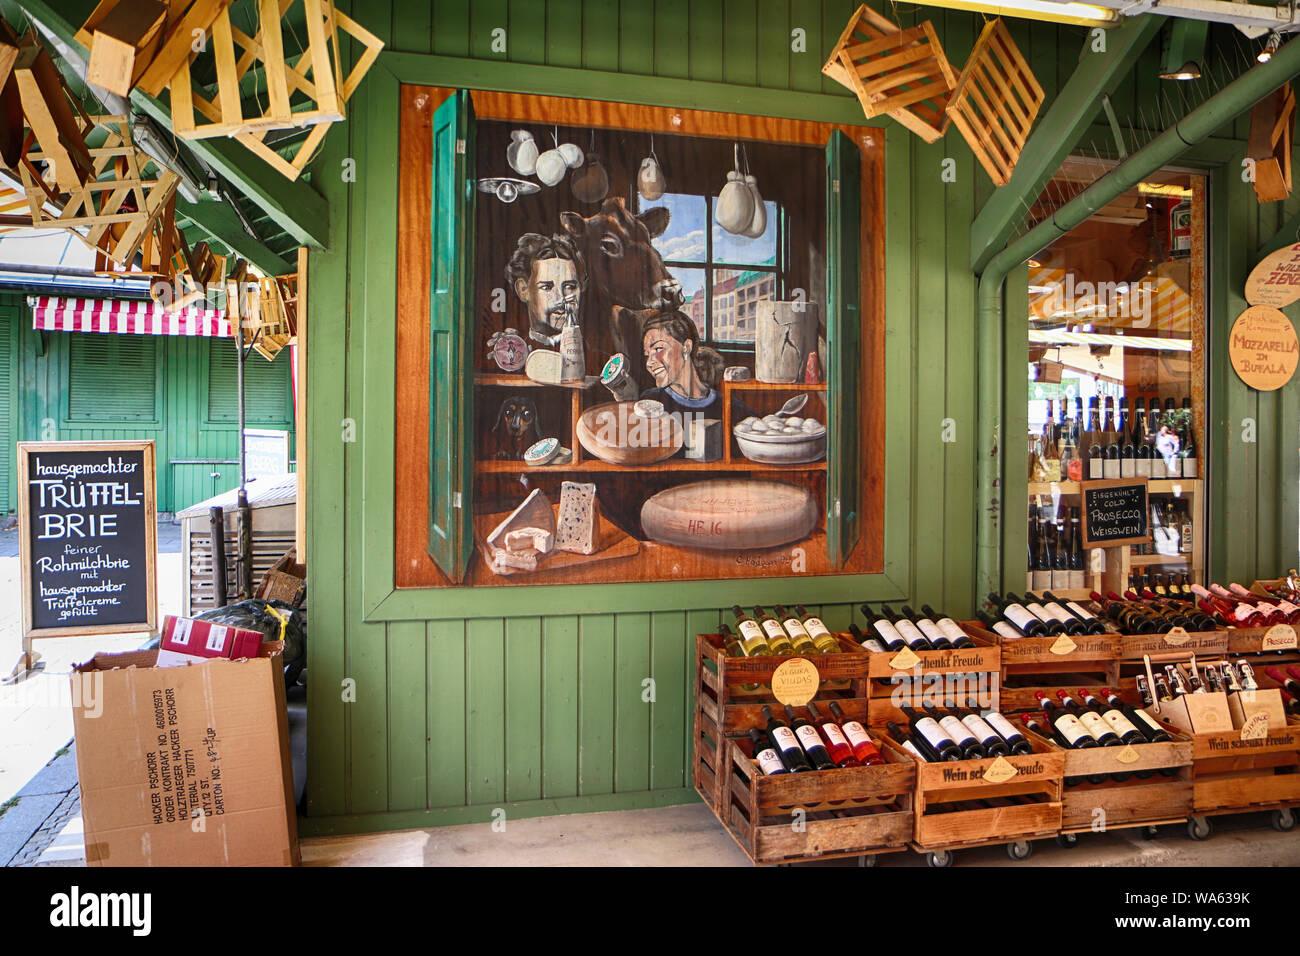 MUNICH, ALLEMAGNE- le 16 août 2019, Gourmet food and wine shop propose des spécialités internationales et bavaroises au fromage, Viktualienmarkt Munich vue f Banque D'Images